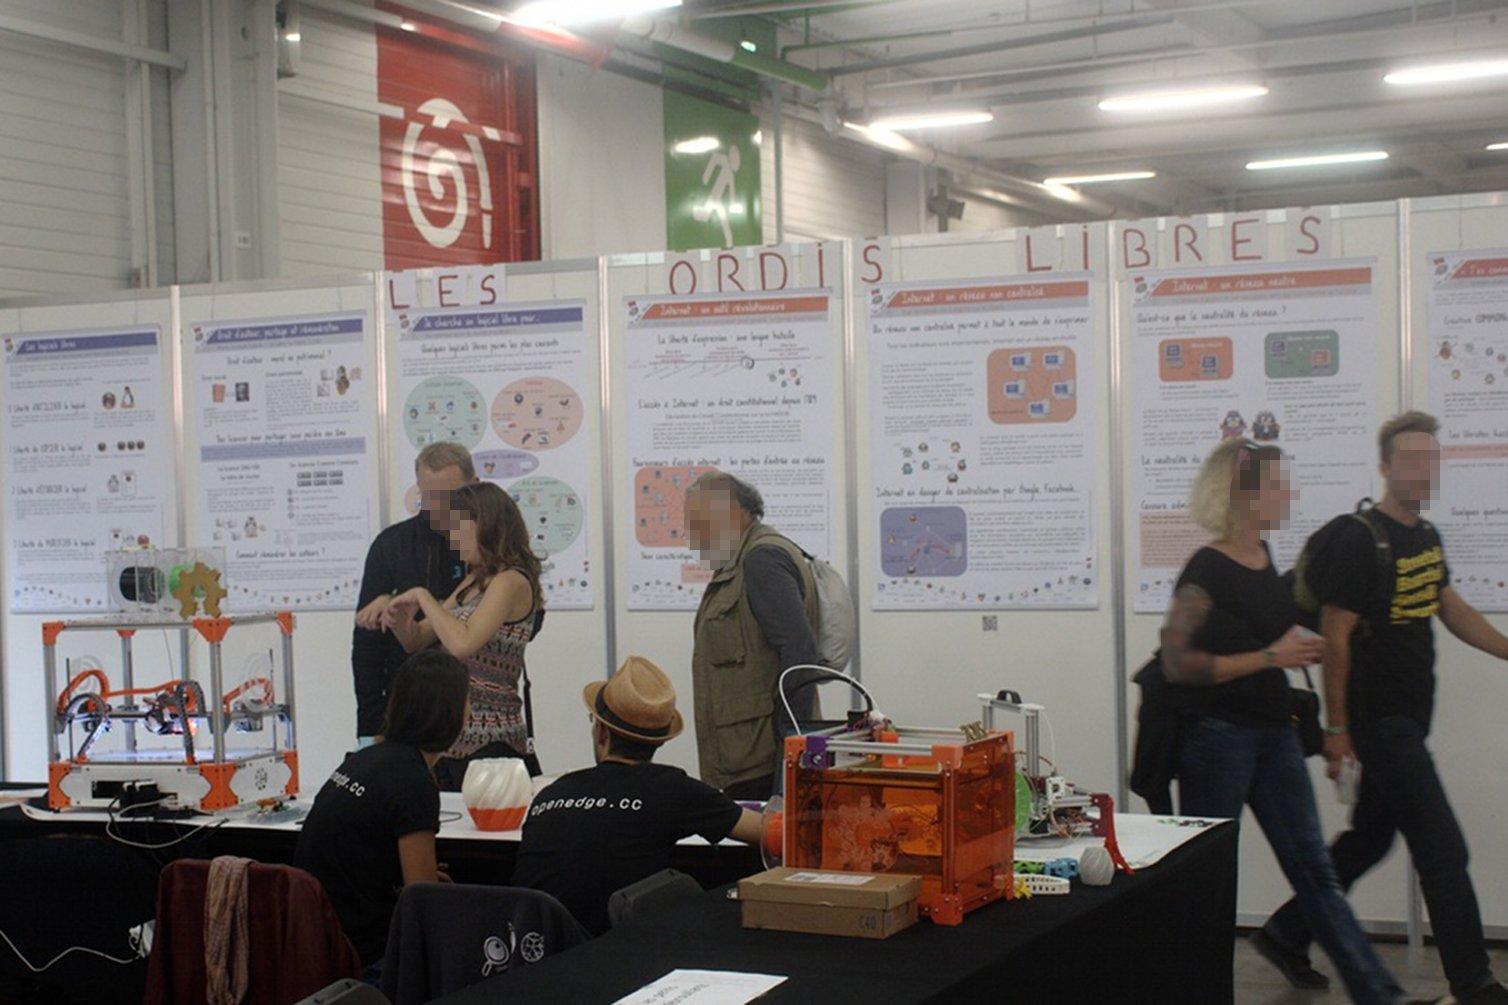 L'espace Logiciel Libre / Hackers / Fablabs de la fête de l'Huma 2015 [Exposition les Ordis Libres](http://www.lesordislibres.fr/)